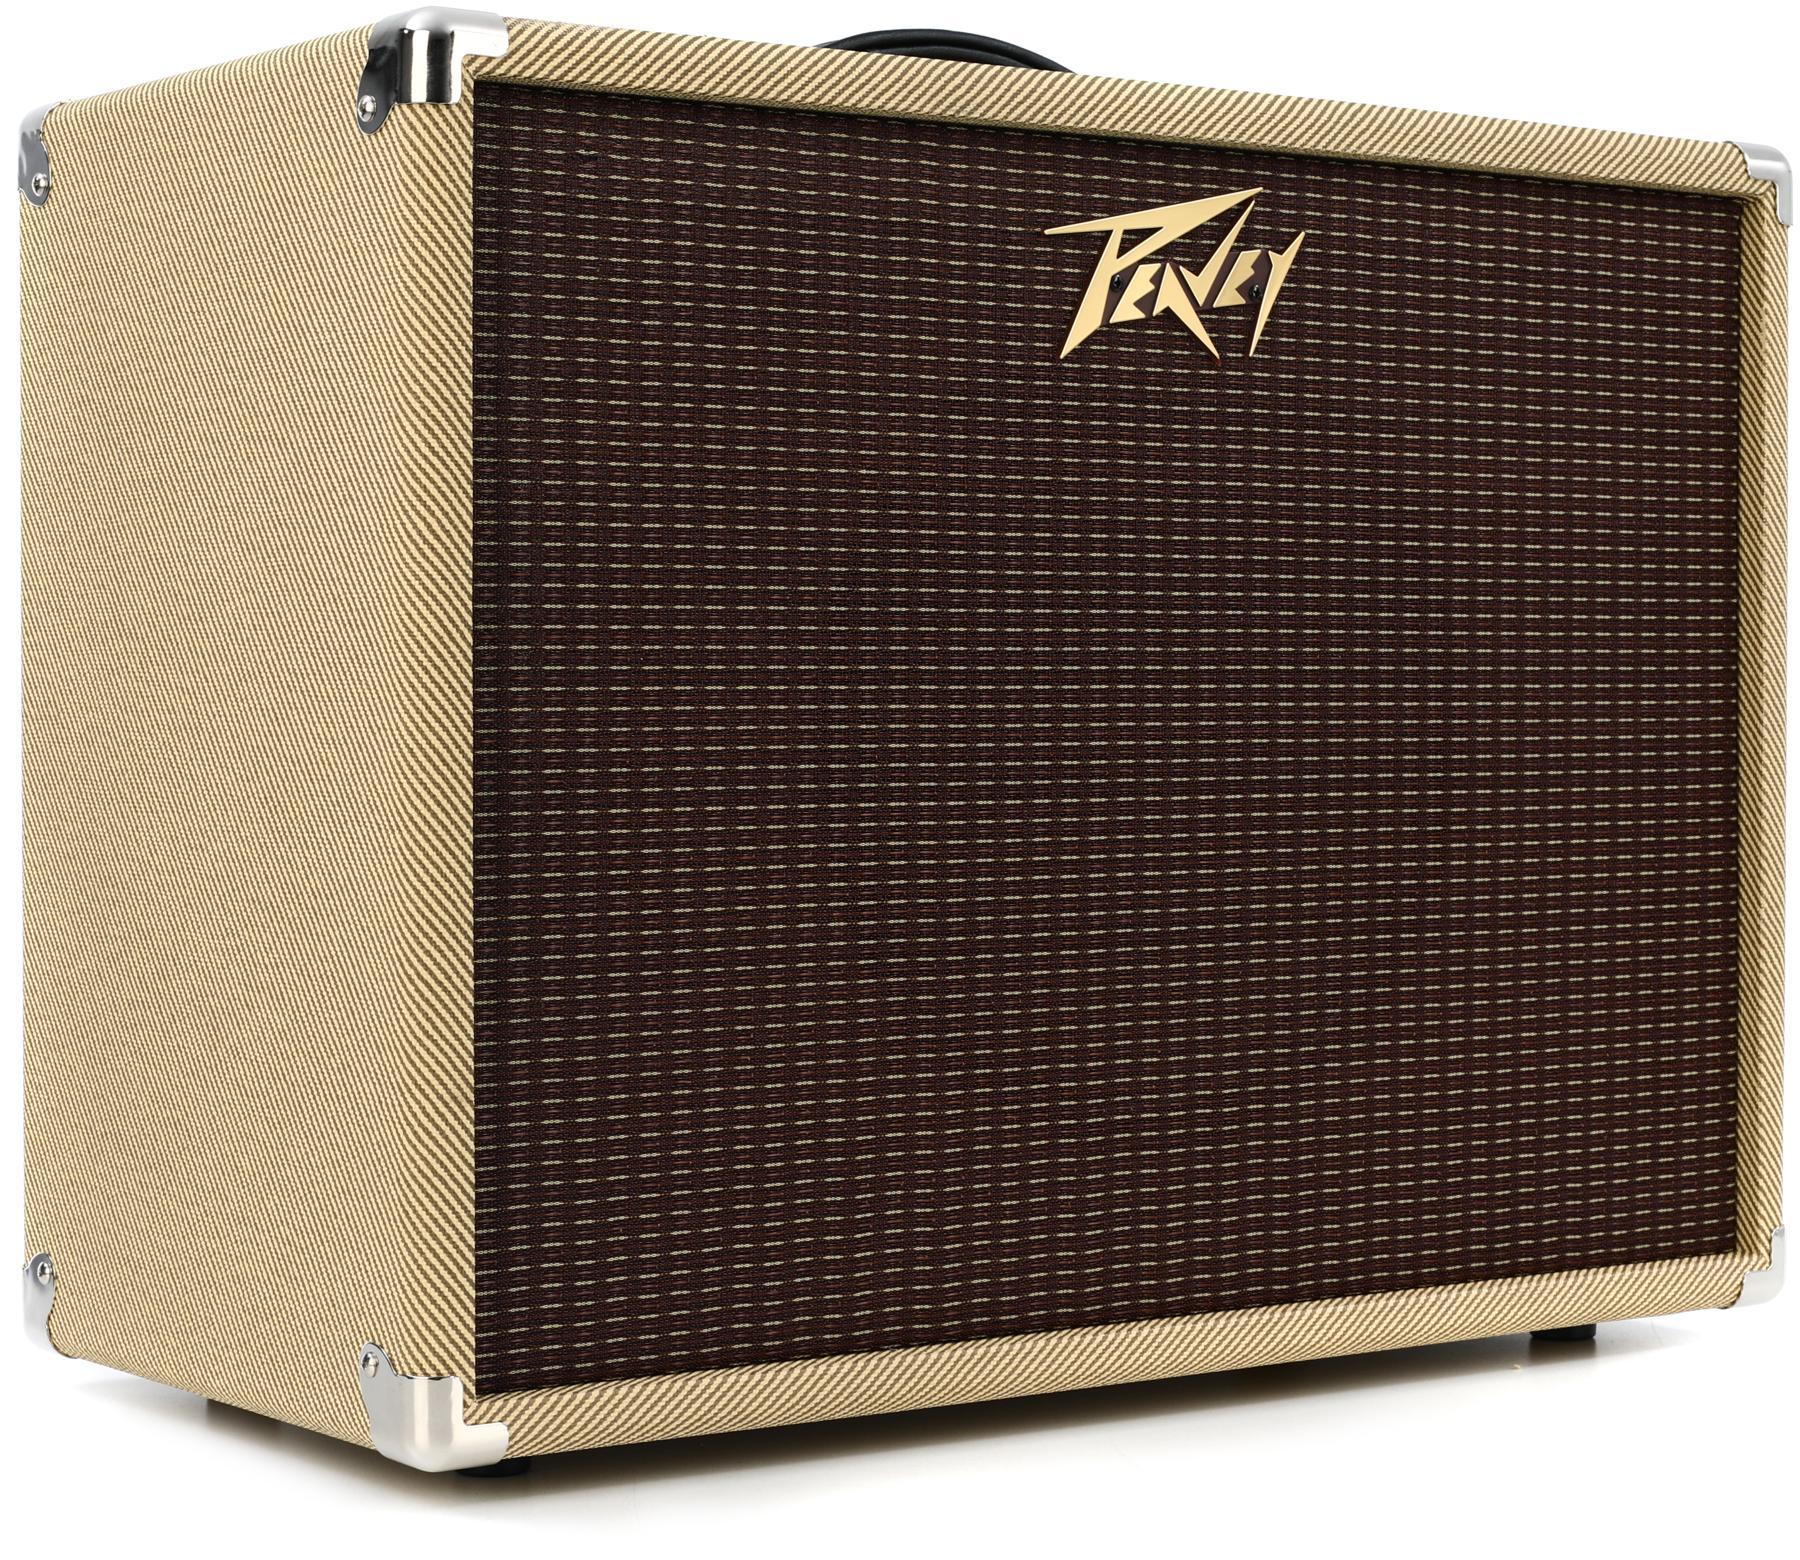 6. Peavey 112-C 1x12 Guitar Cabinet